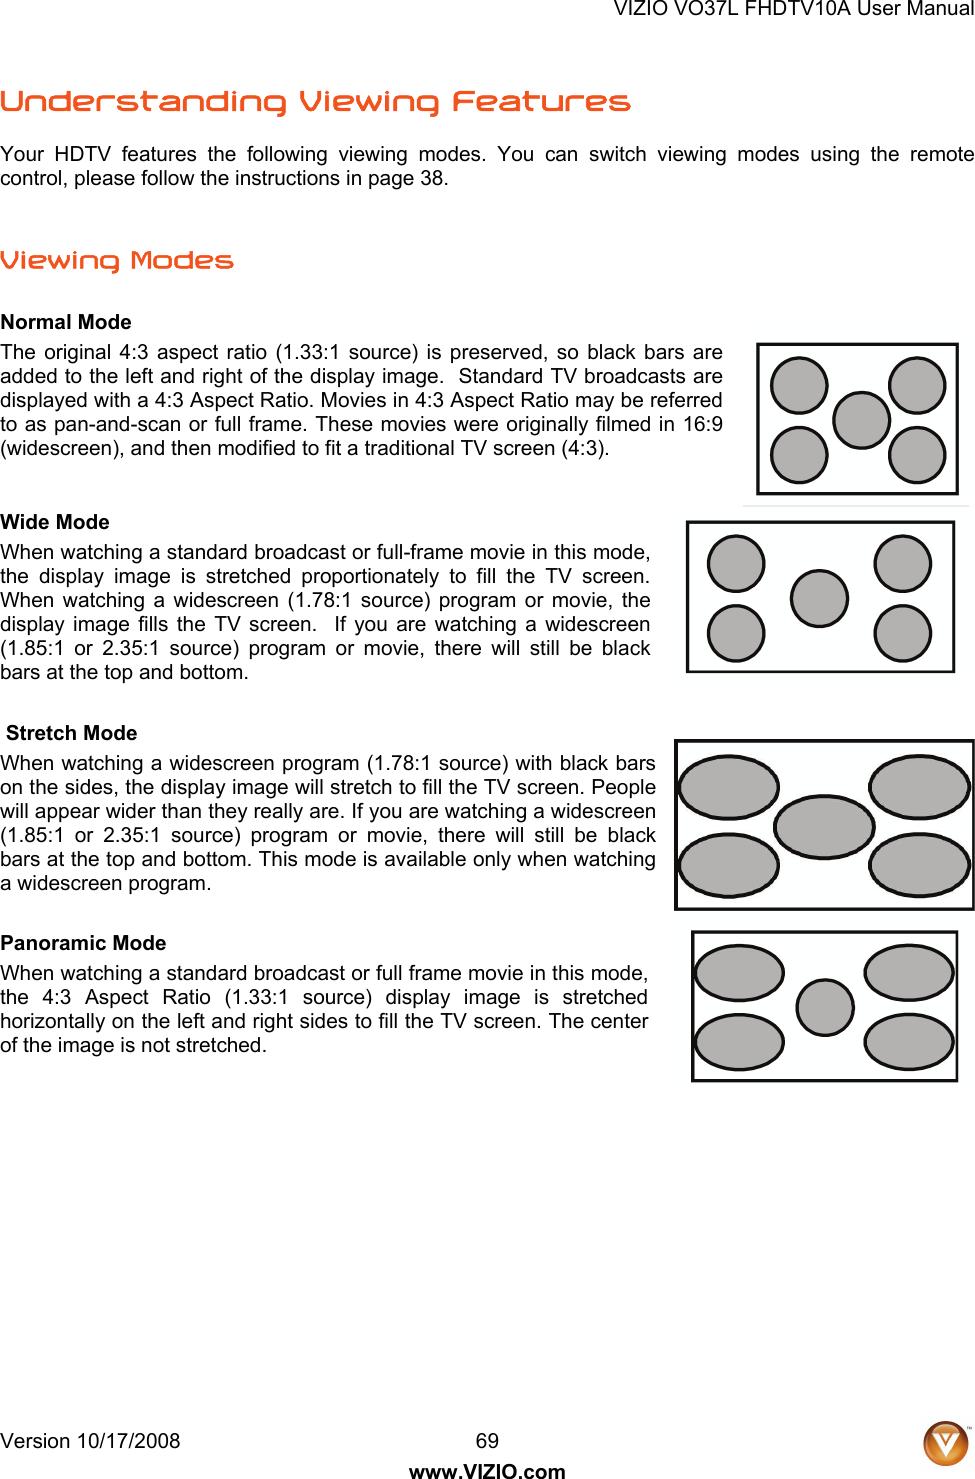 Vizio Vo37L Fhdtv10A Users Manual 08 1712_VO37LFHDTV10A DB User